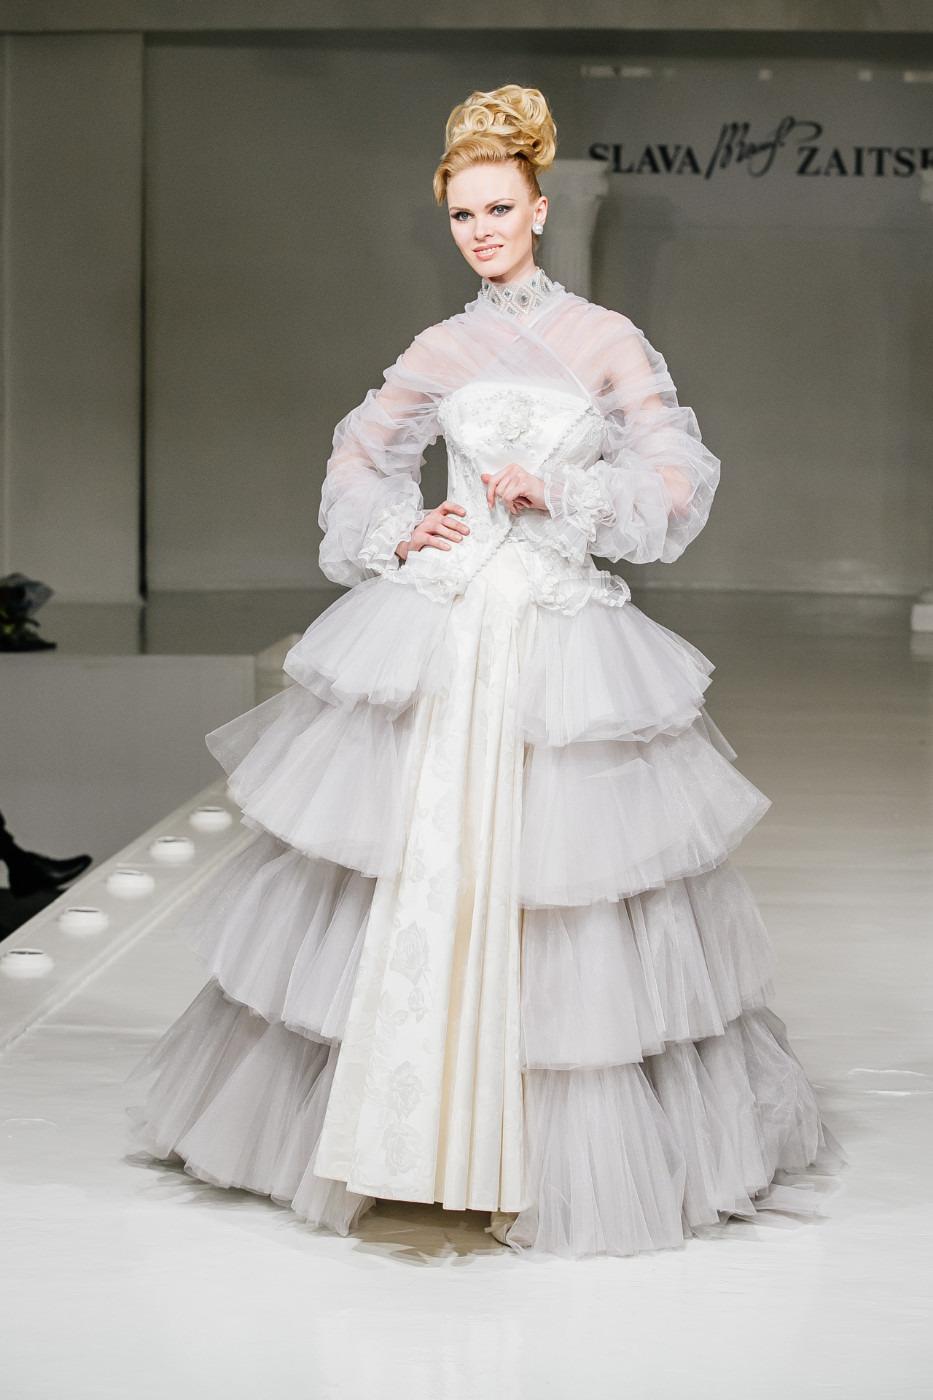 Купить платье от вячеслава зайцева